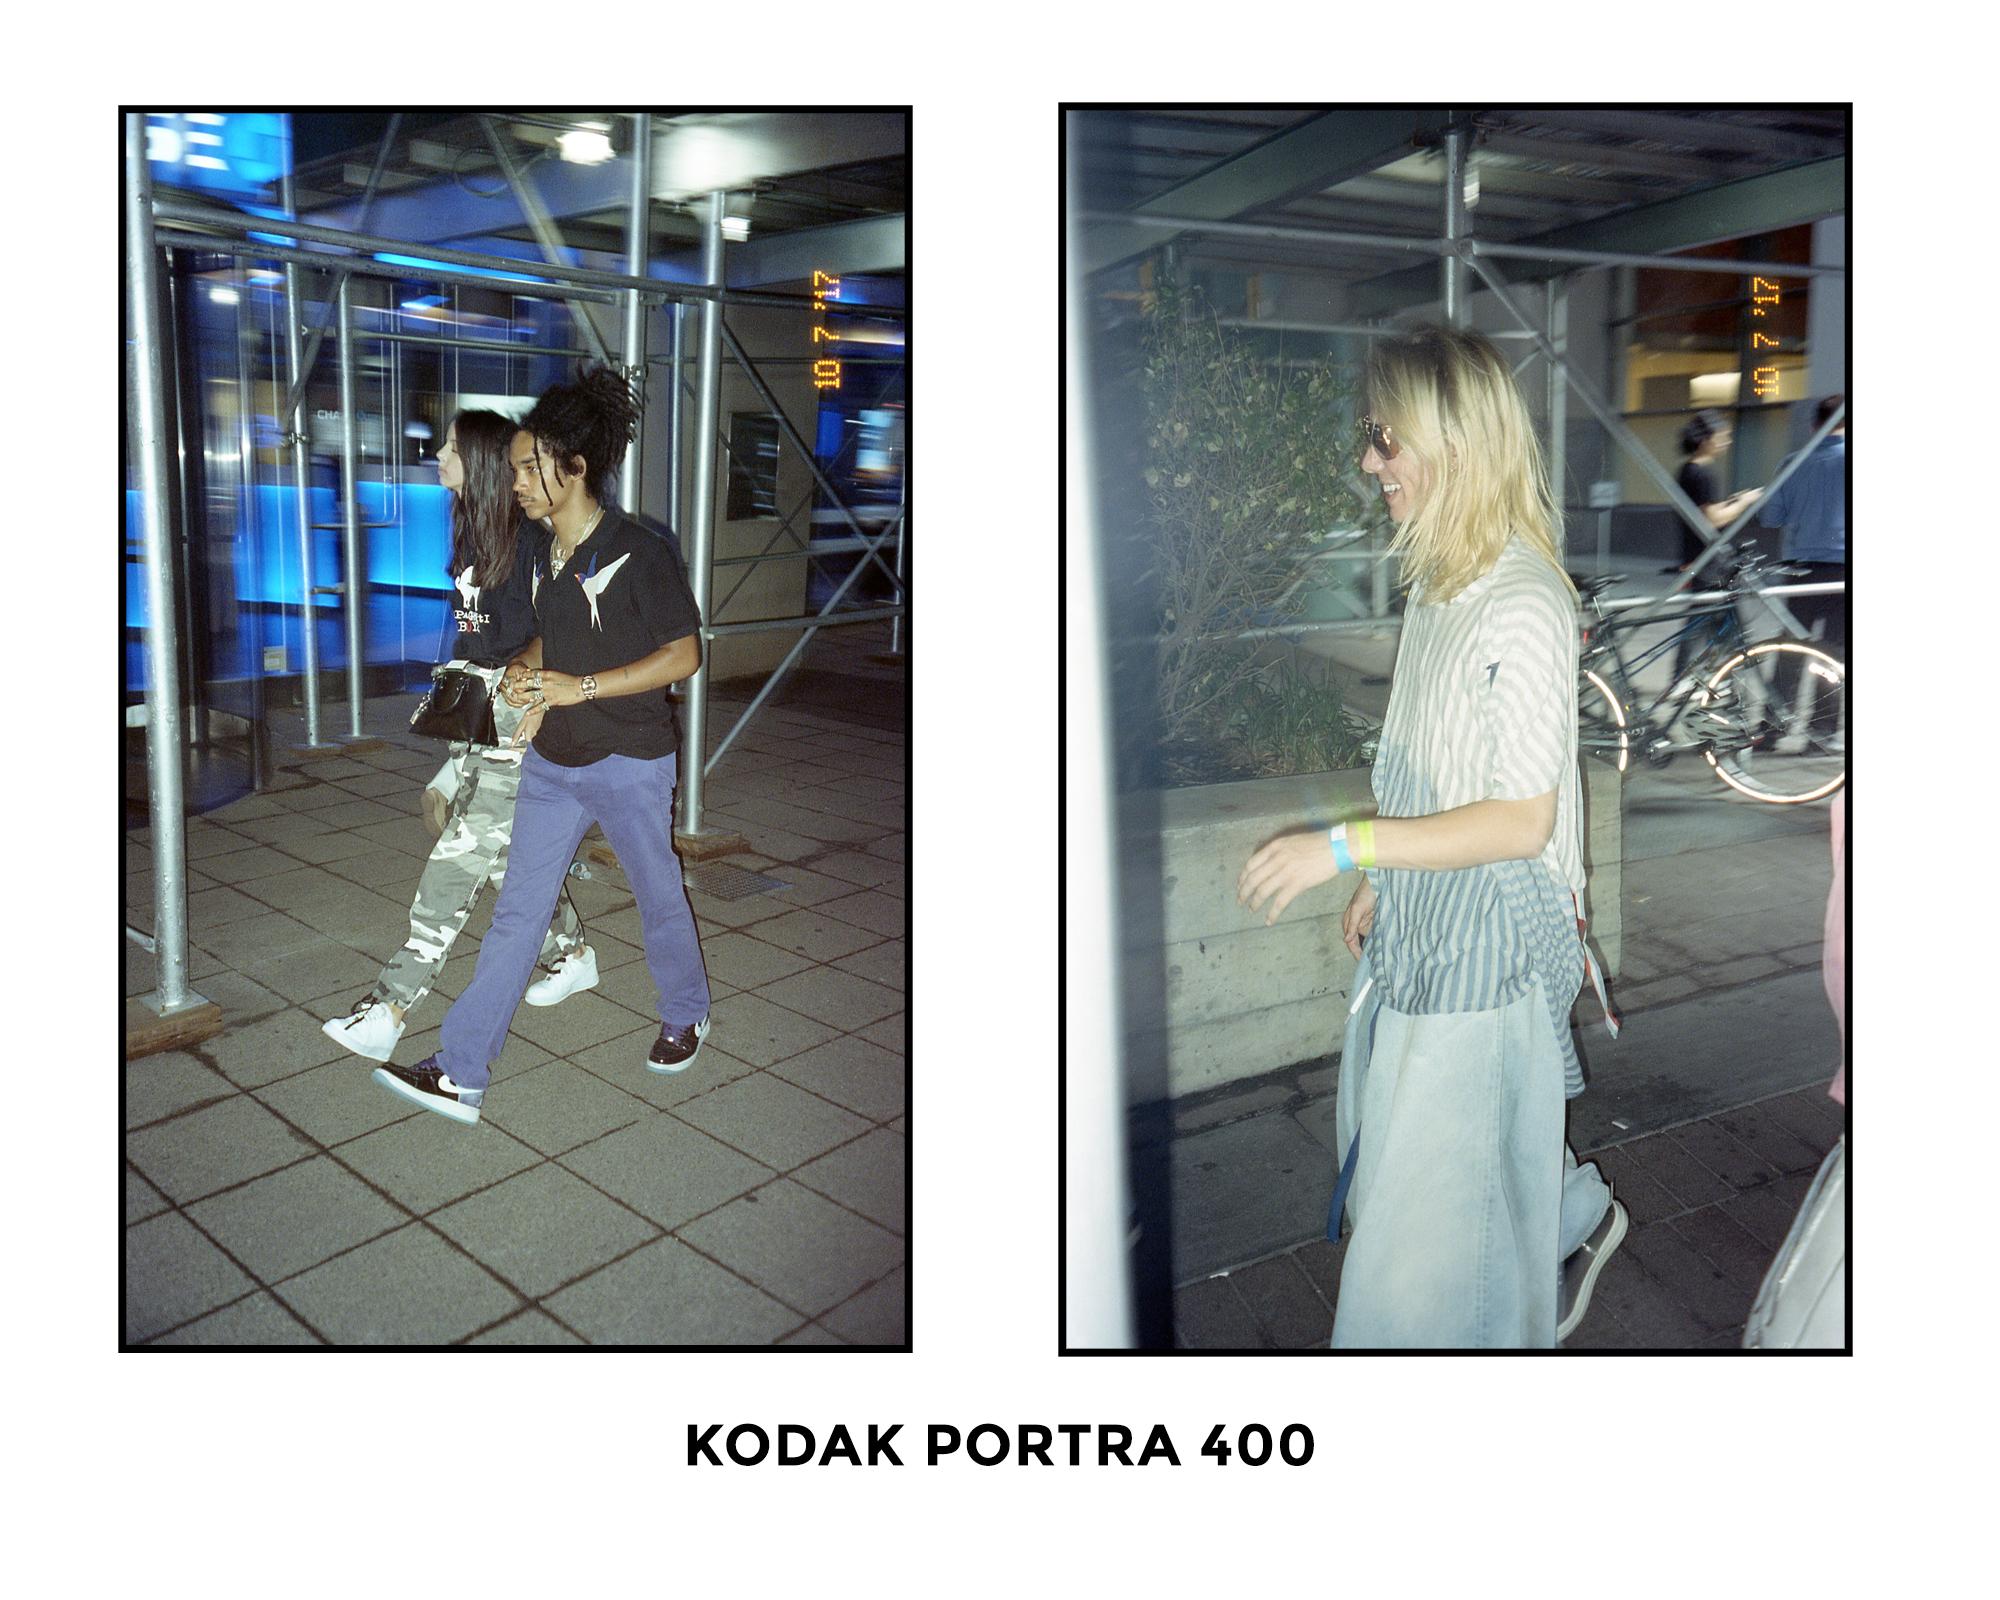 Film Stock Review: Kodak Portra 400 vs  Kodak Portra 800